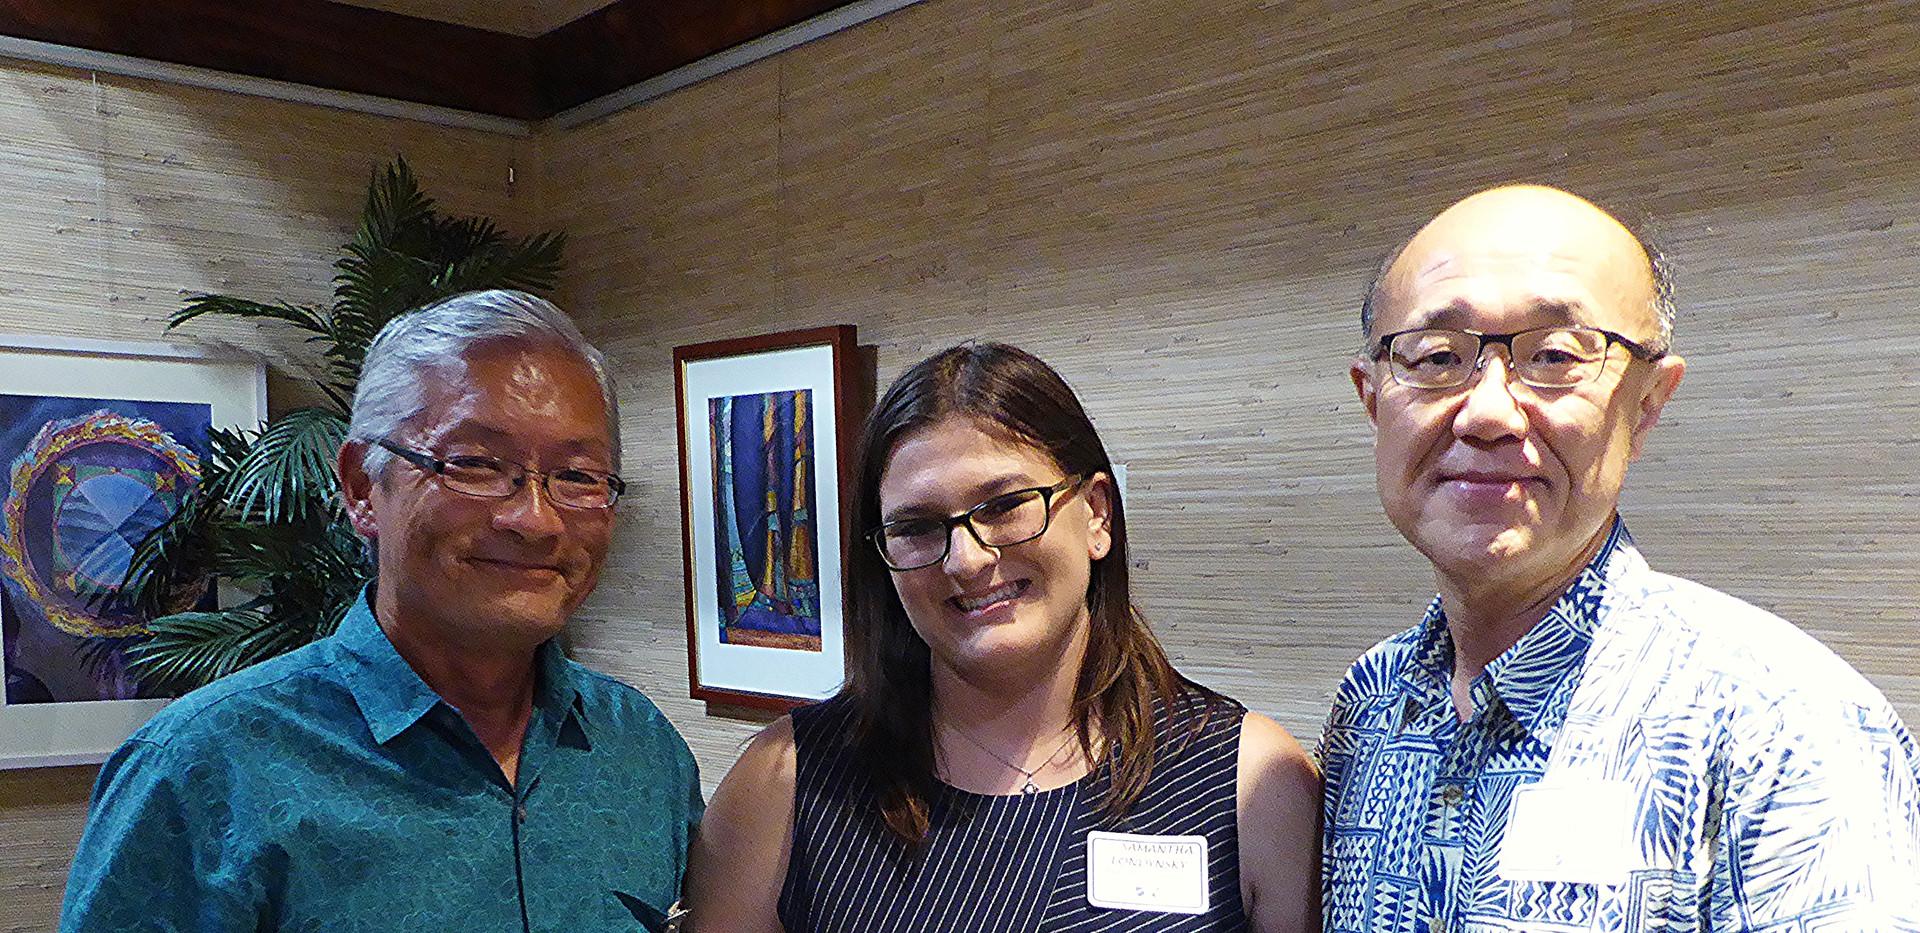 Ted Sakai, Samantha Londynsky &  Dr. Daewoo Park/HPU